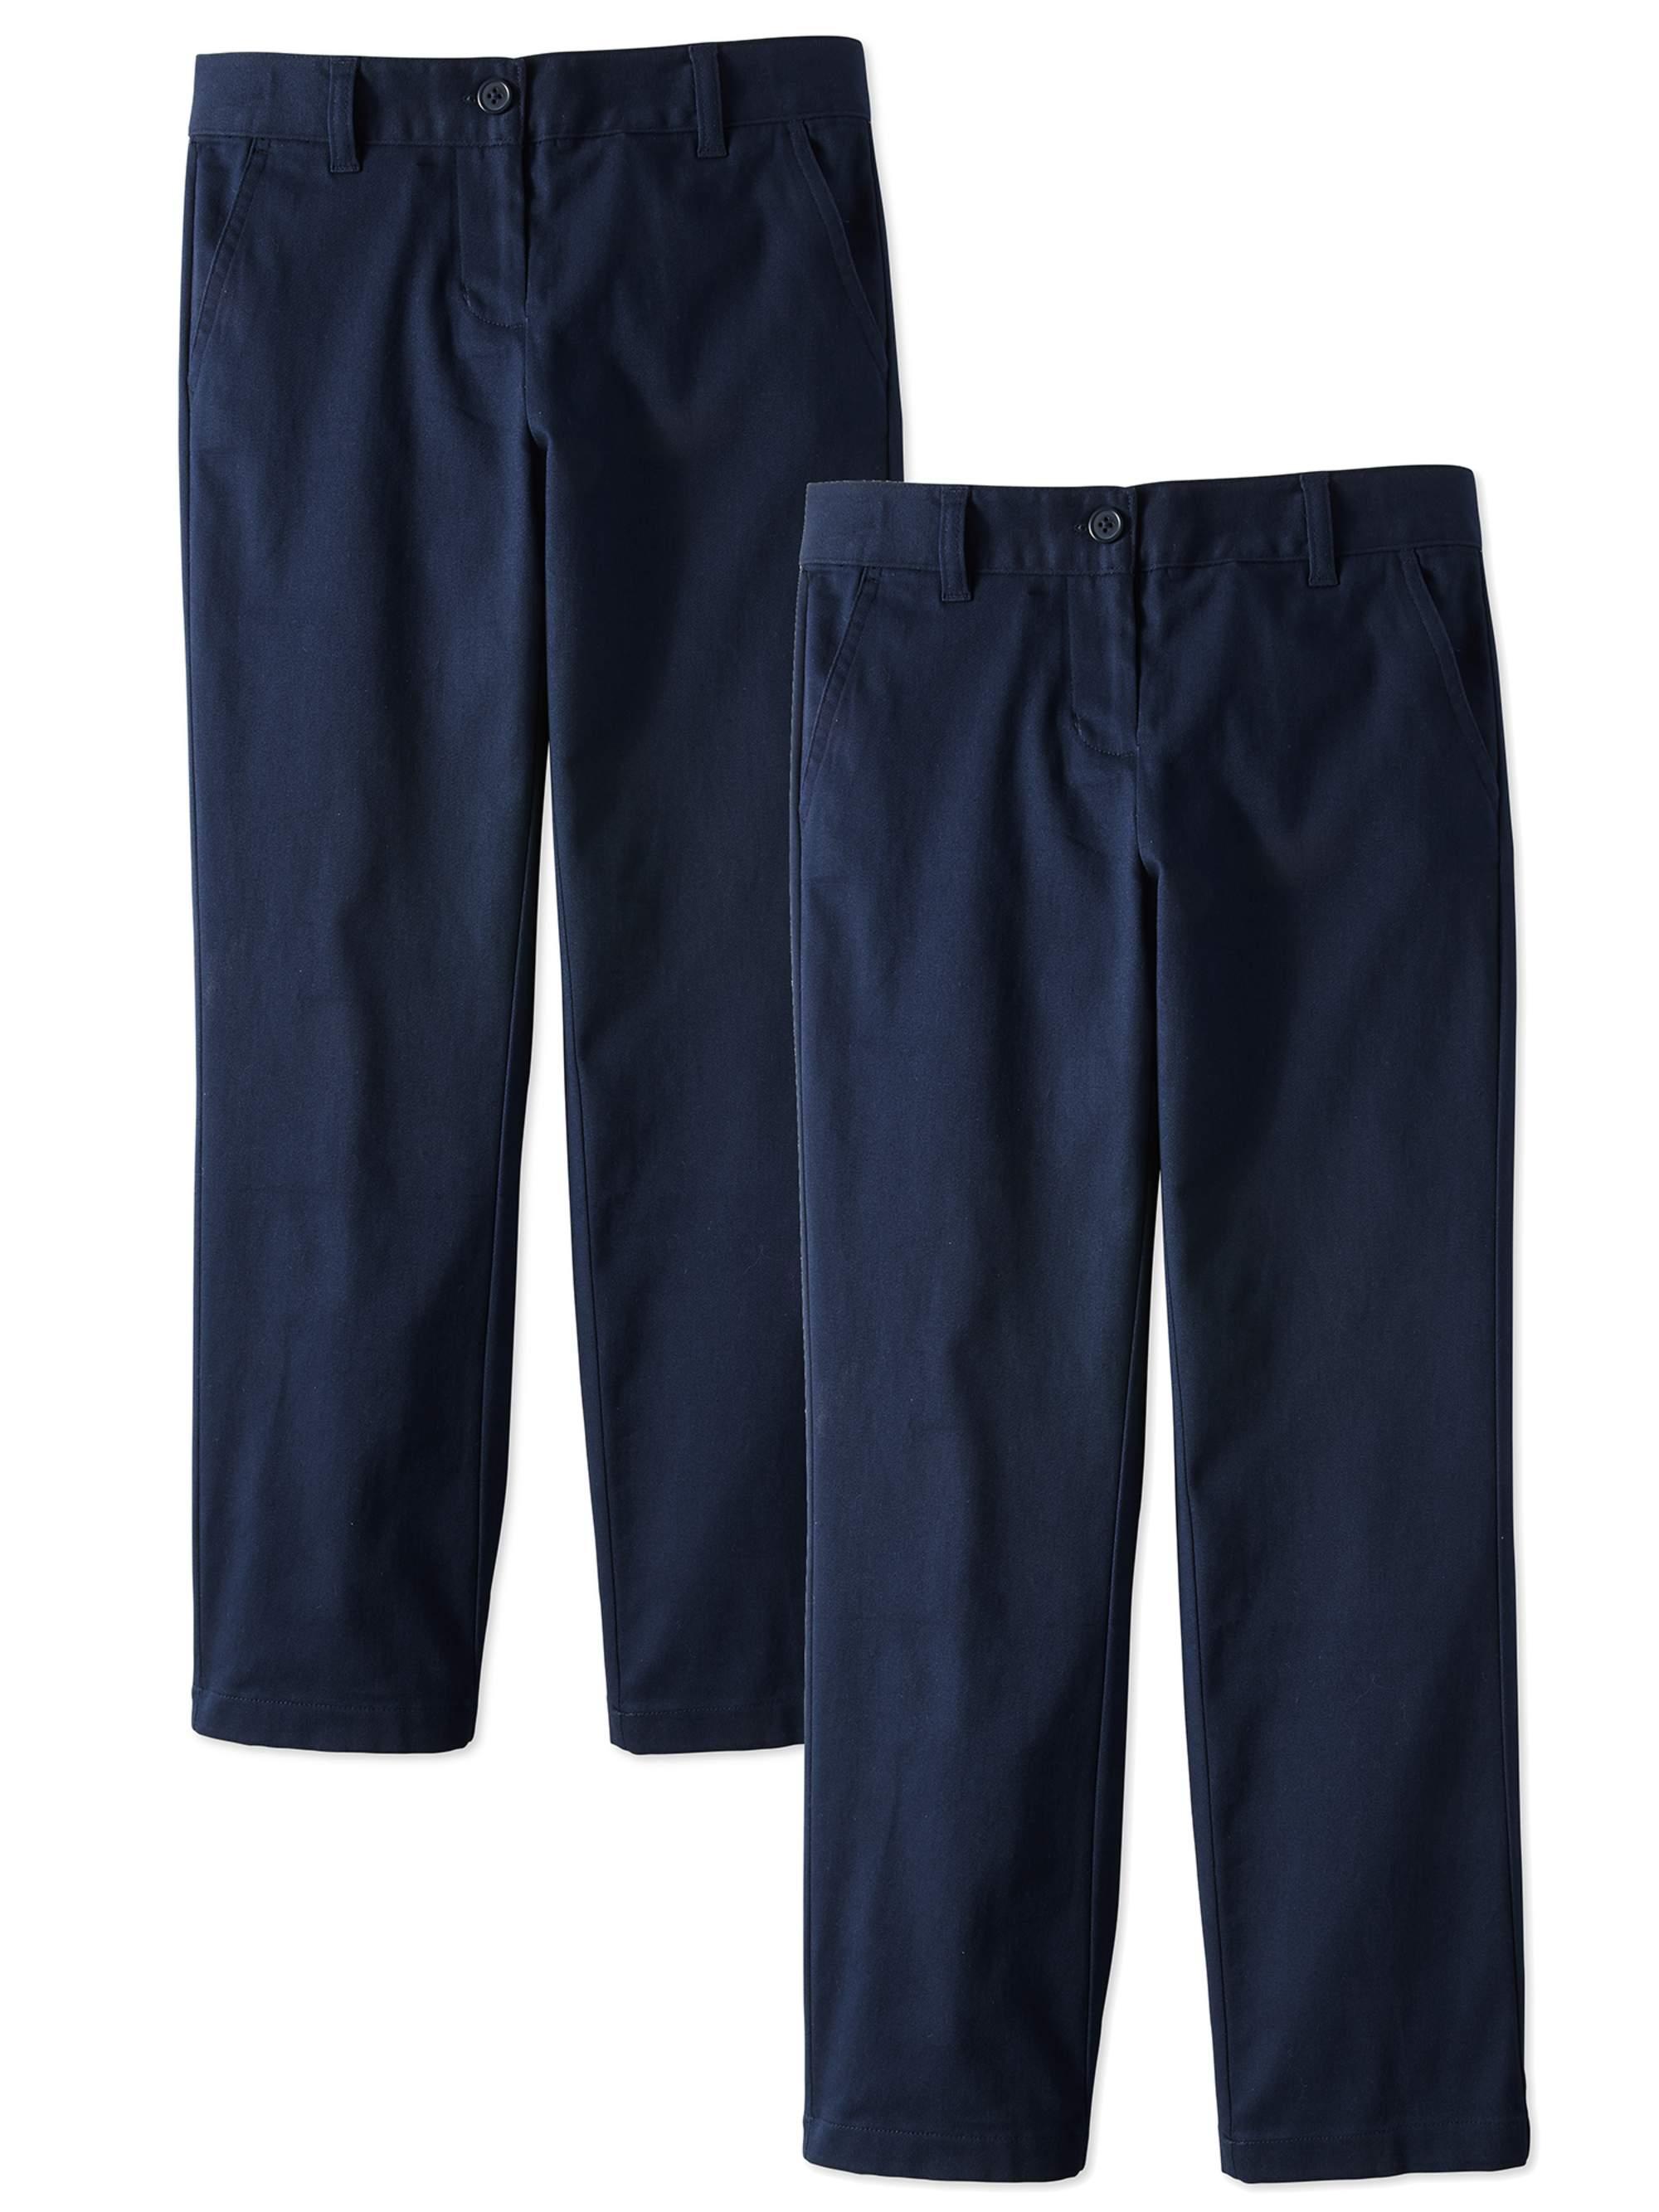 Boys Youth School slim fit uniform trousers half elastic waist age 4-13